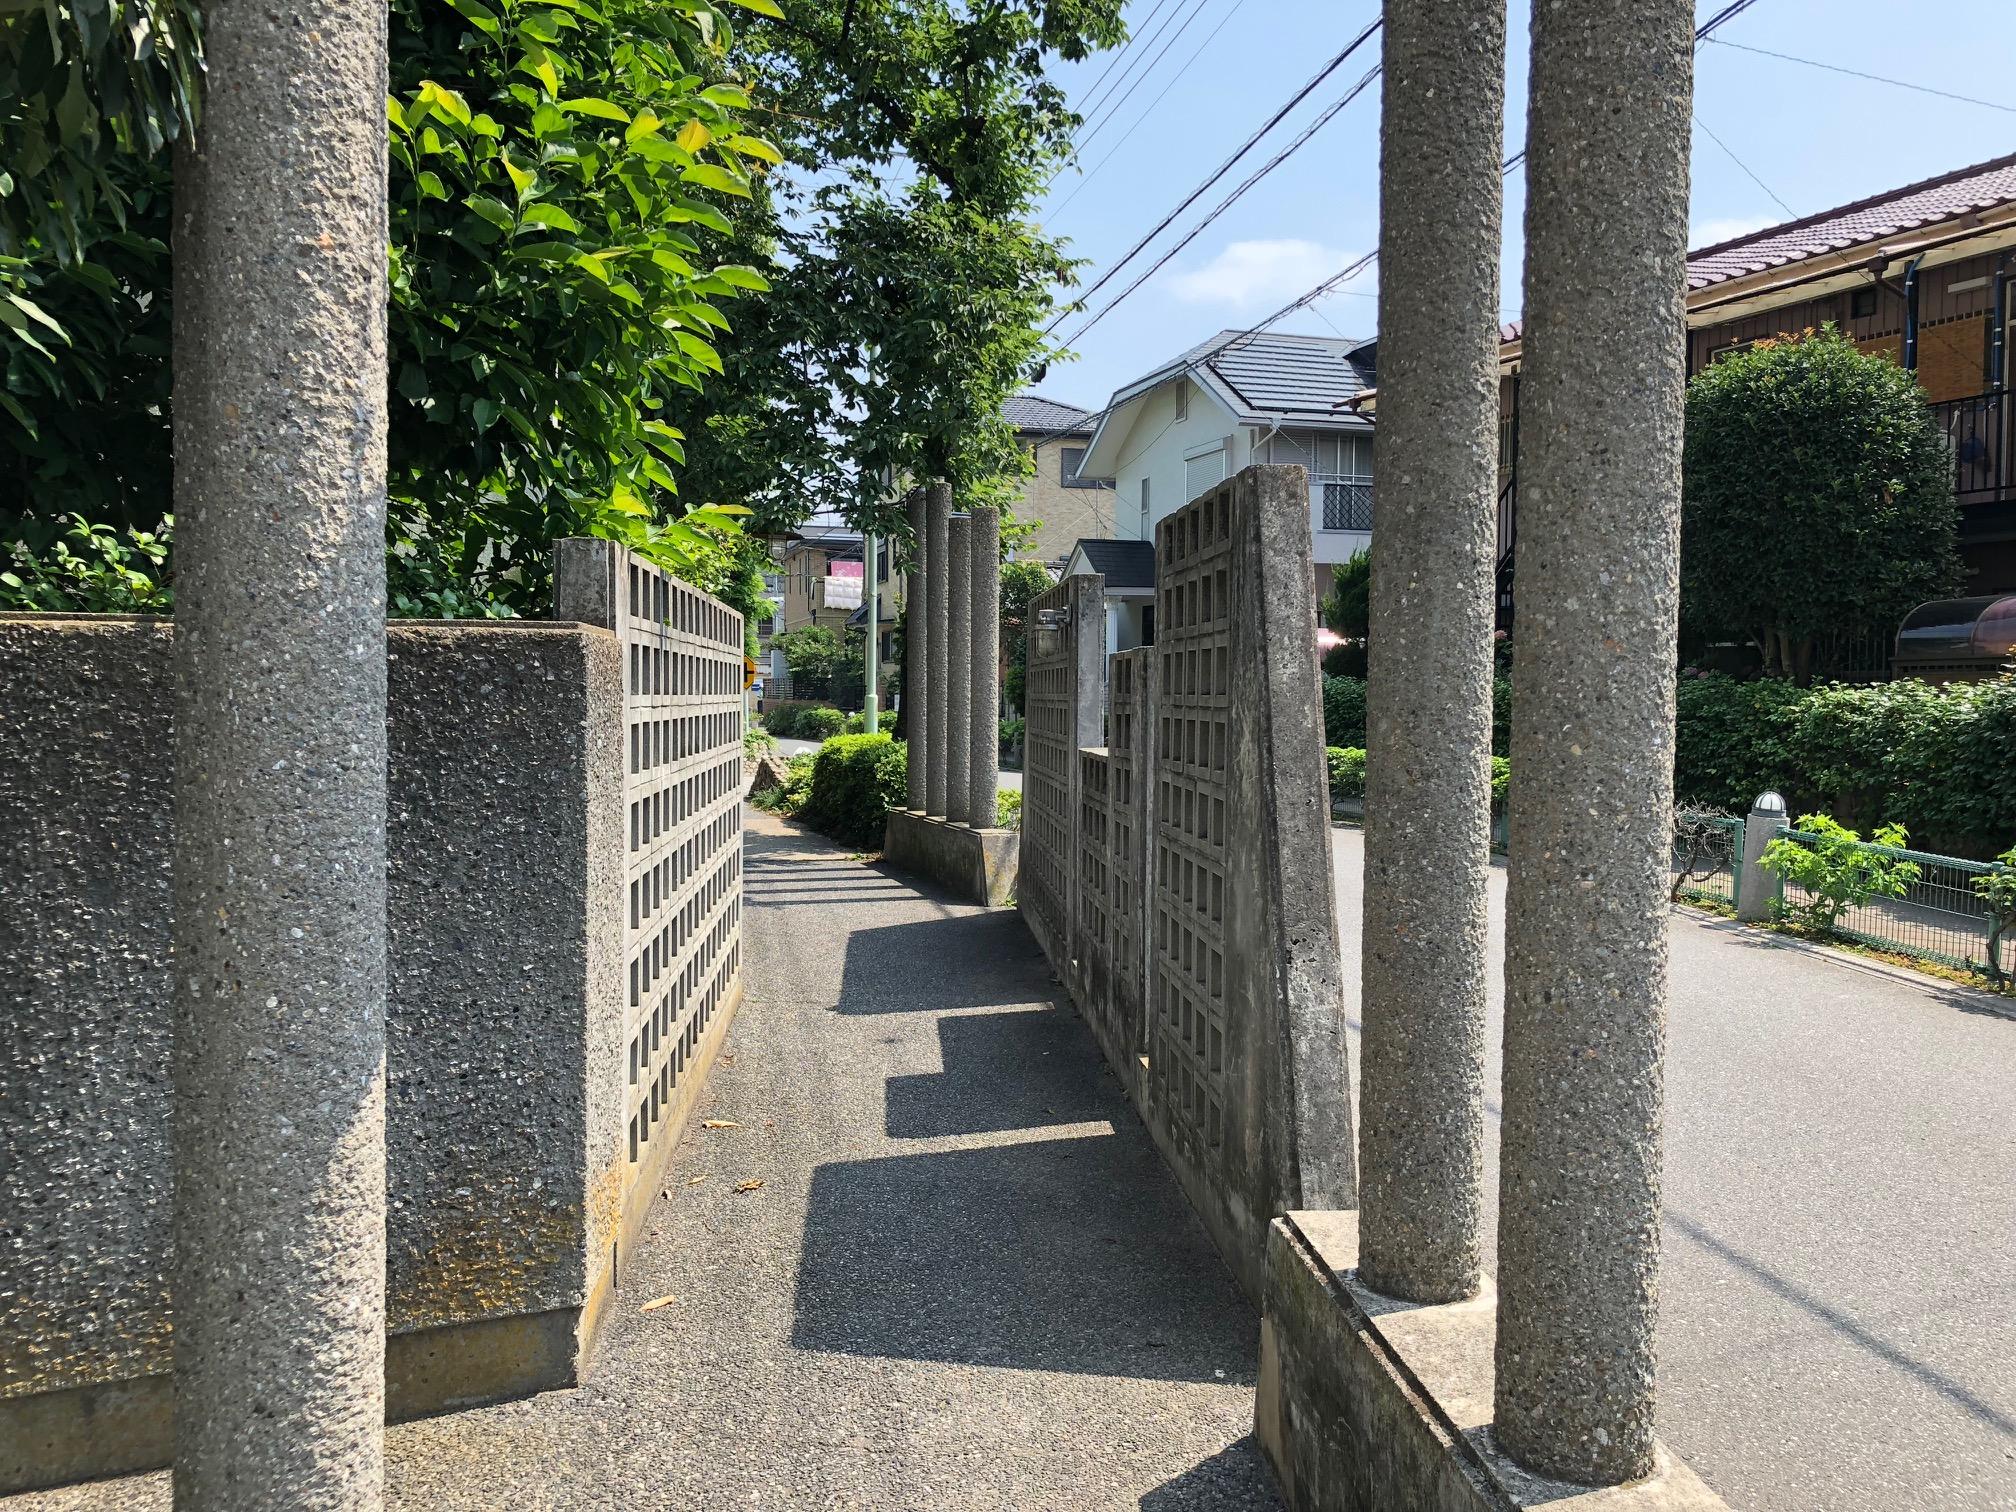 調査から疑いがあるとされた中央小学校のブロック塀